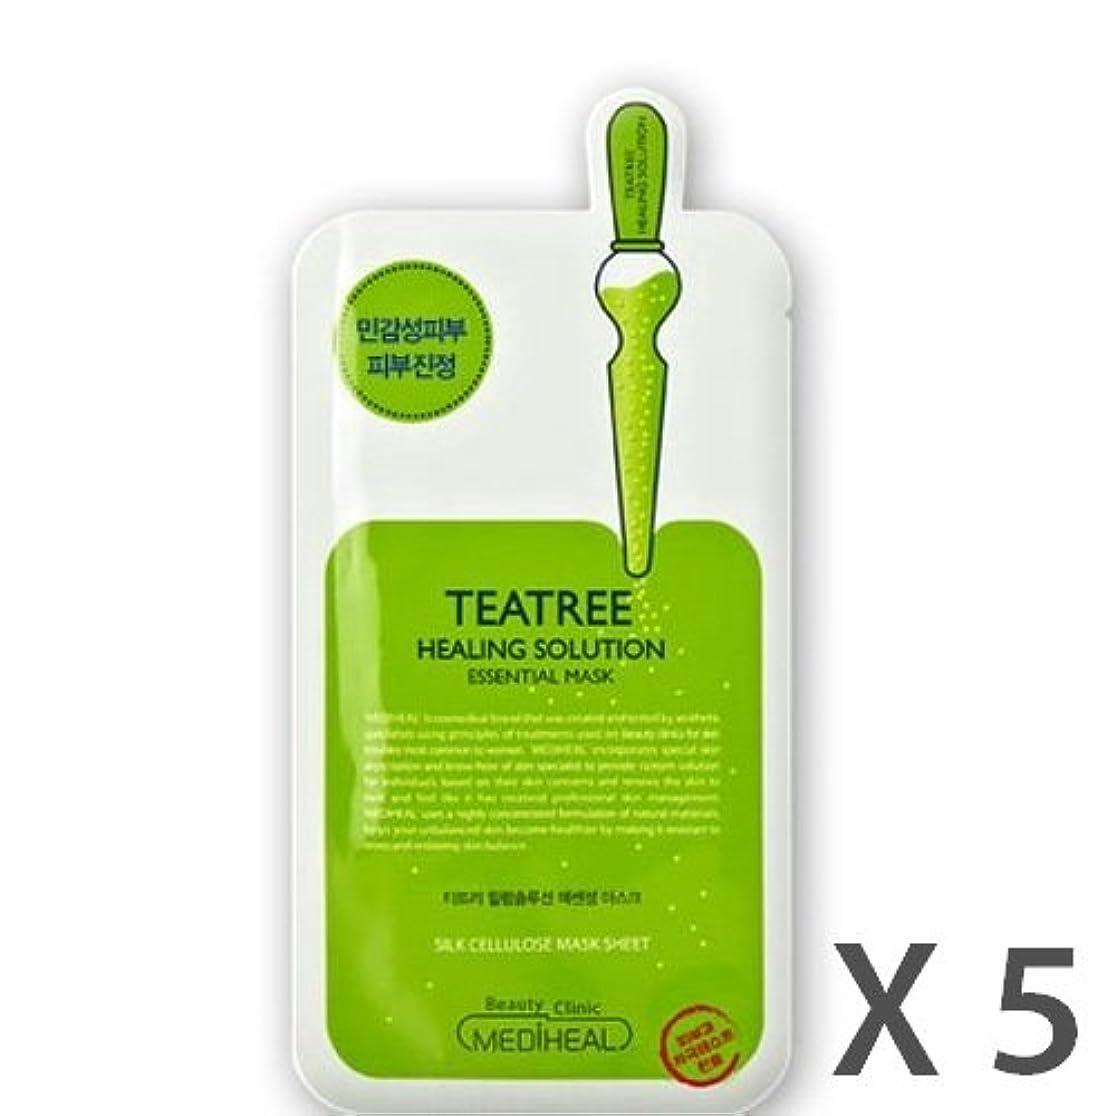 地区枕闘争MEDIHEAL Tea Tree Healing Solution Essential Mask 5ea /メディヒール ティー ツリー ヒーリングソリューションエッセンシャルマスク 5ea [並行輸入品]